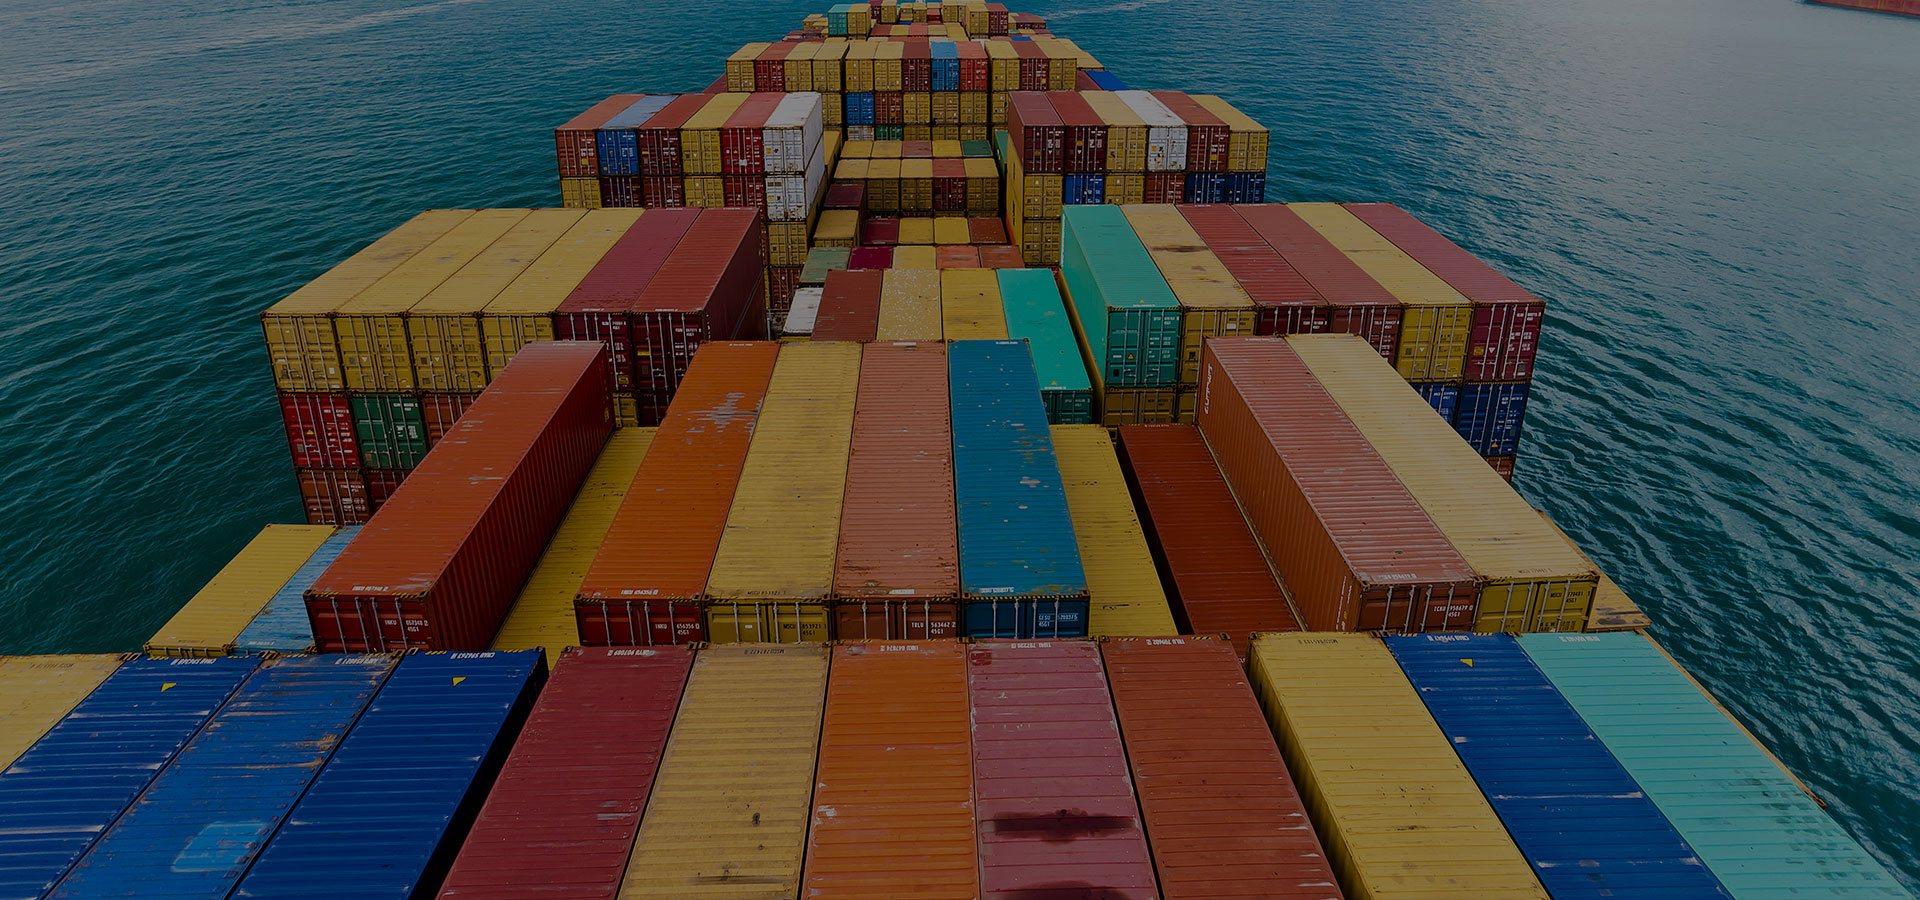 доставка сборных грузов LCL